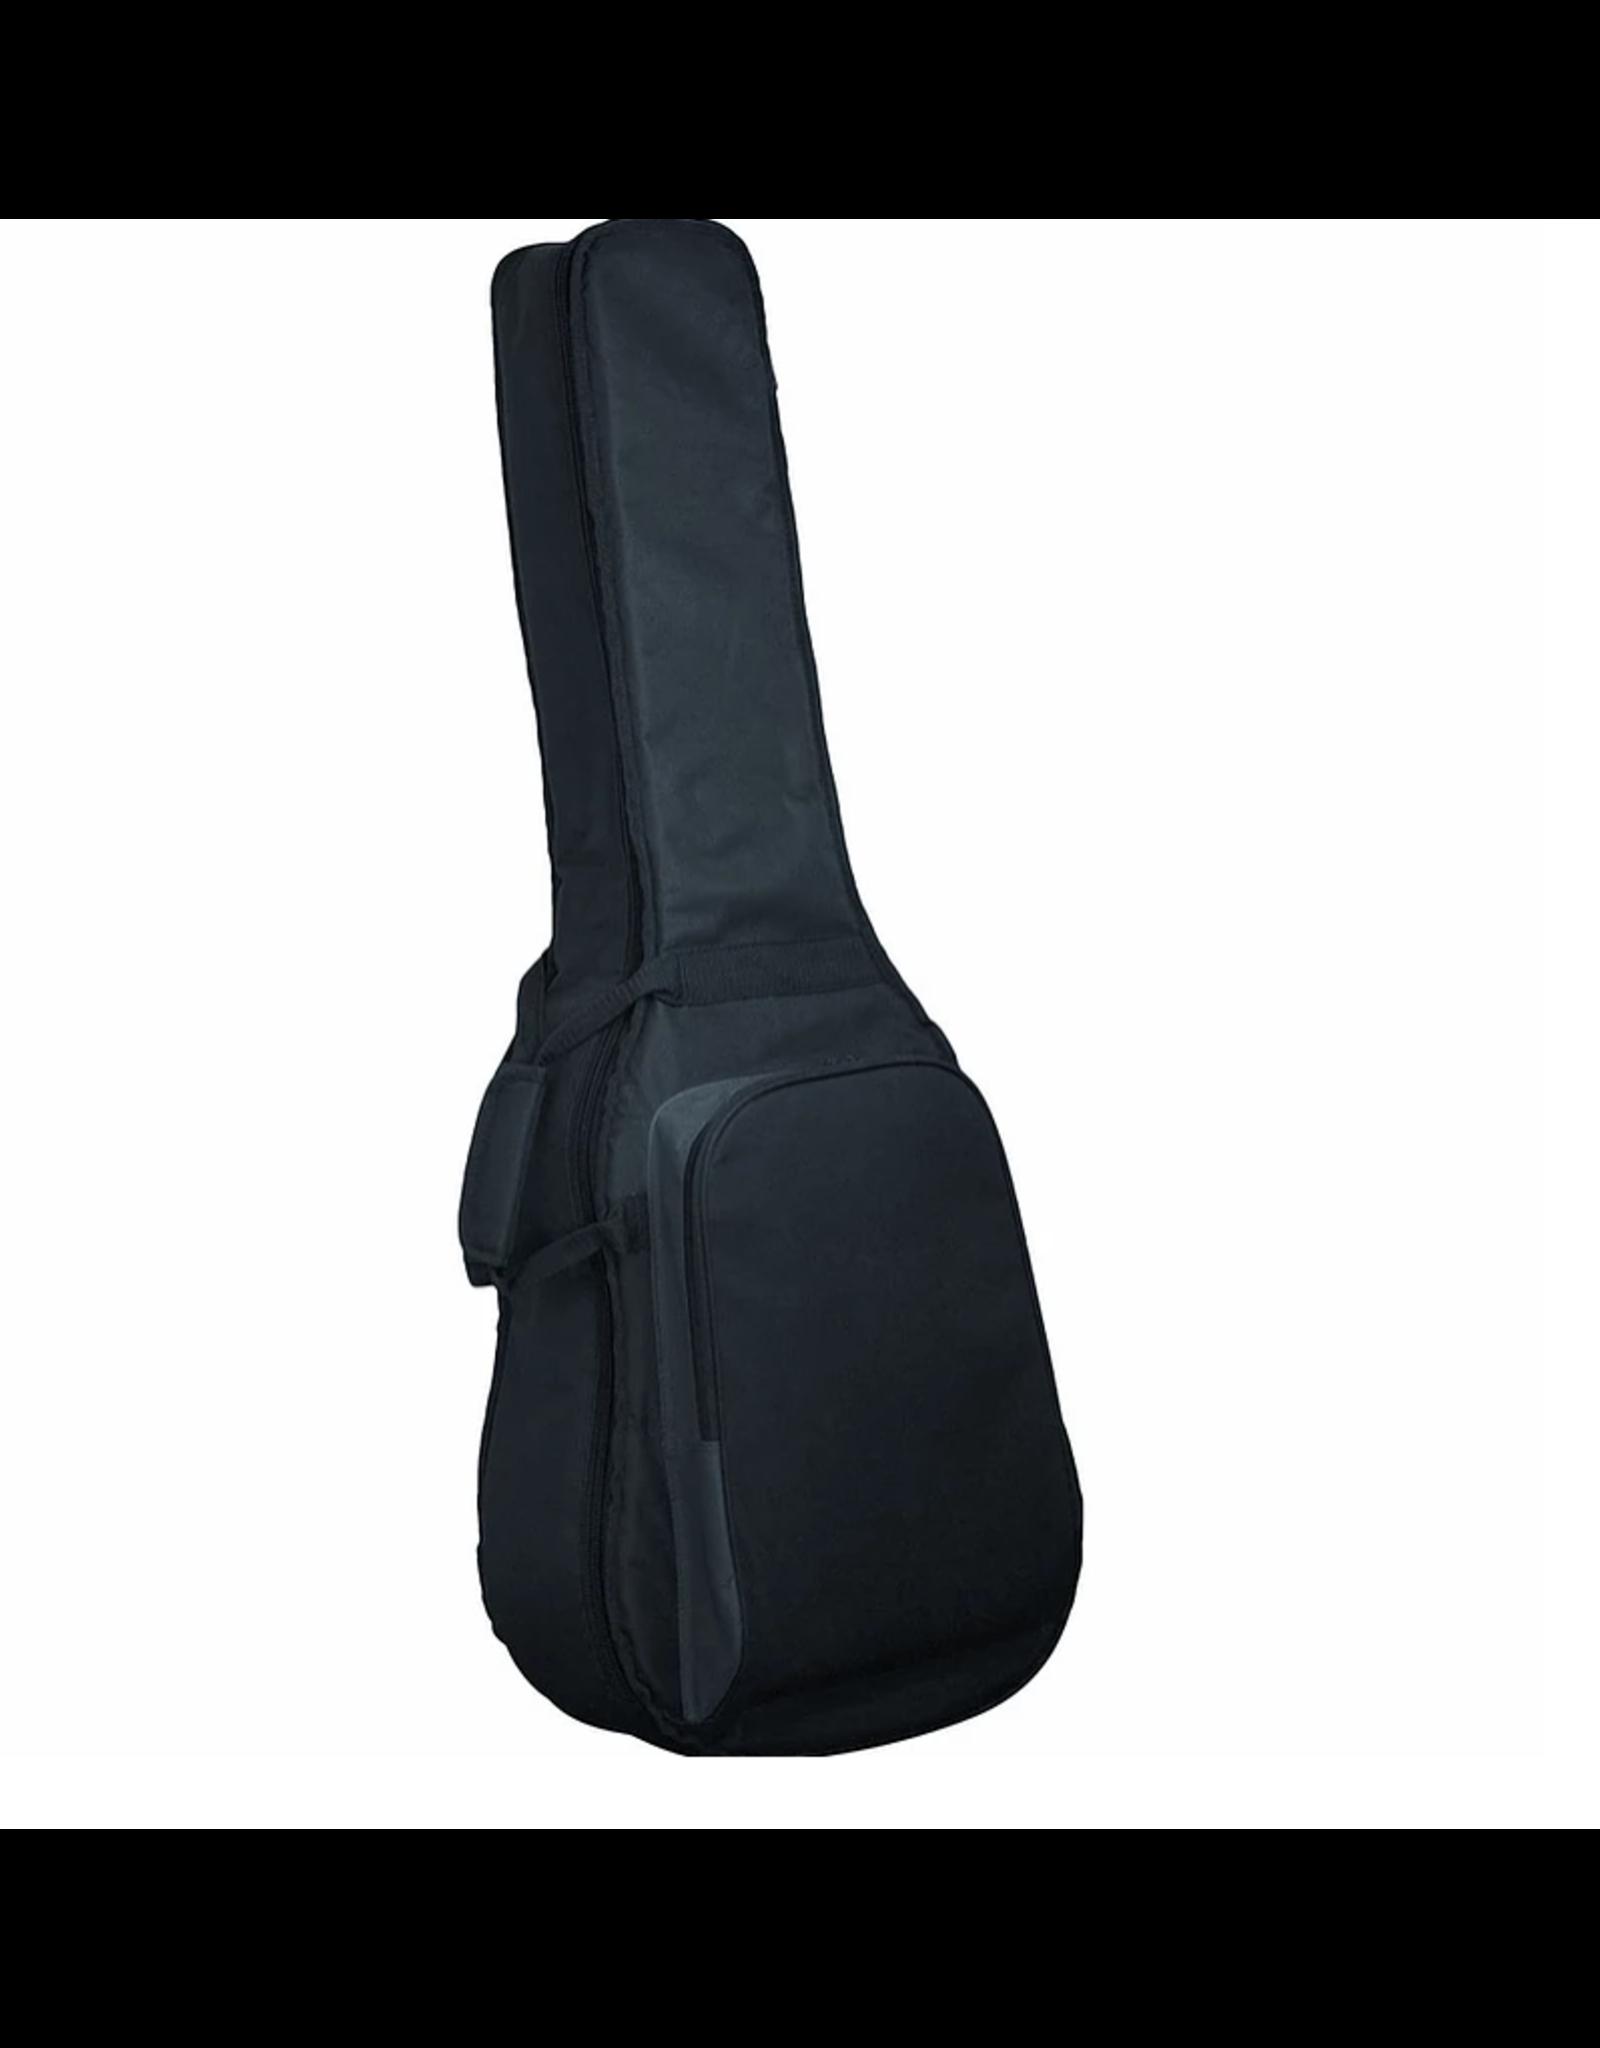 Specter Specter Gitaartas voor 3/4 91cm Gitaar | gitaarhoes | gitaartas klassieke gitaar